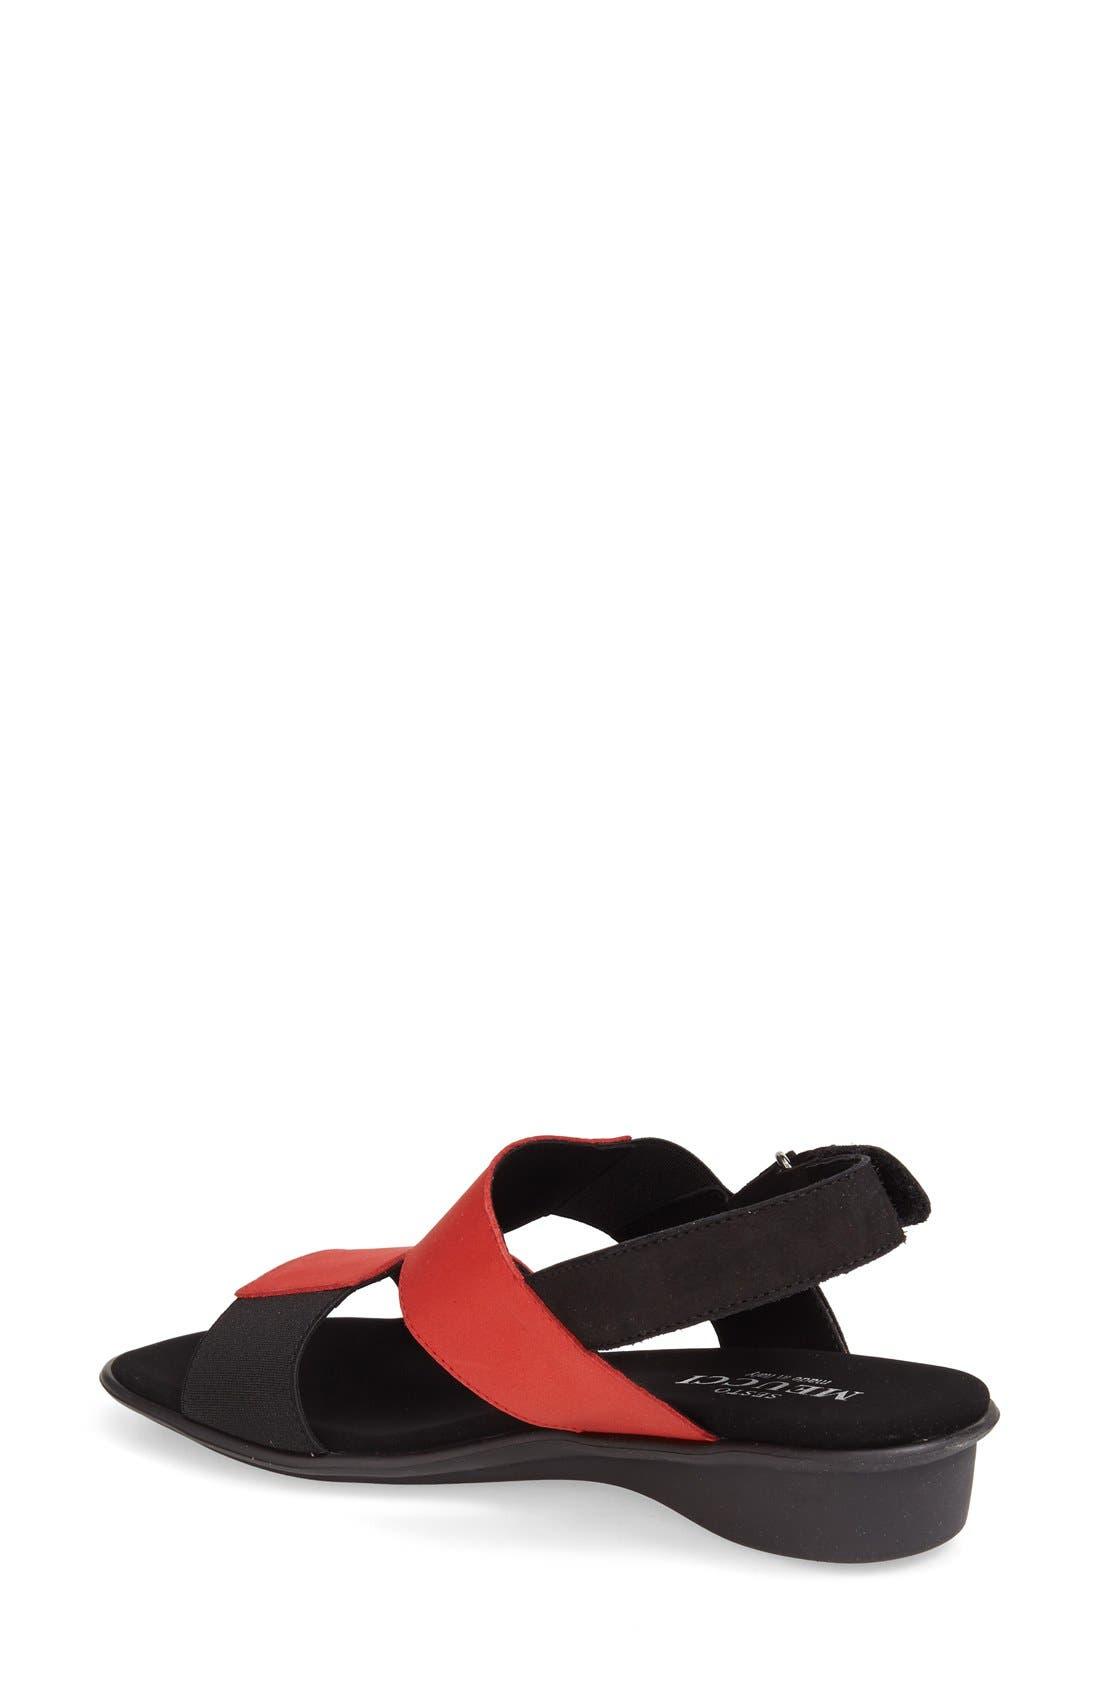 Alternate Image 2  - Sesto Meucci 'Eudore' Slingback Sandal (Women)